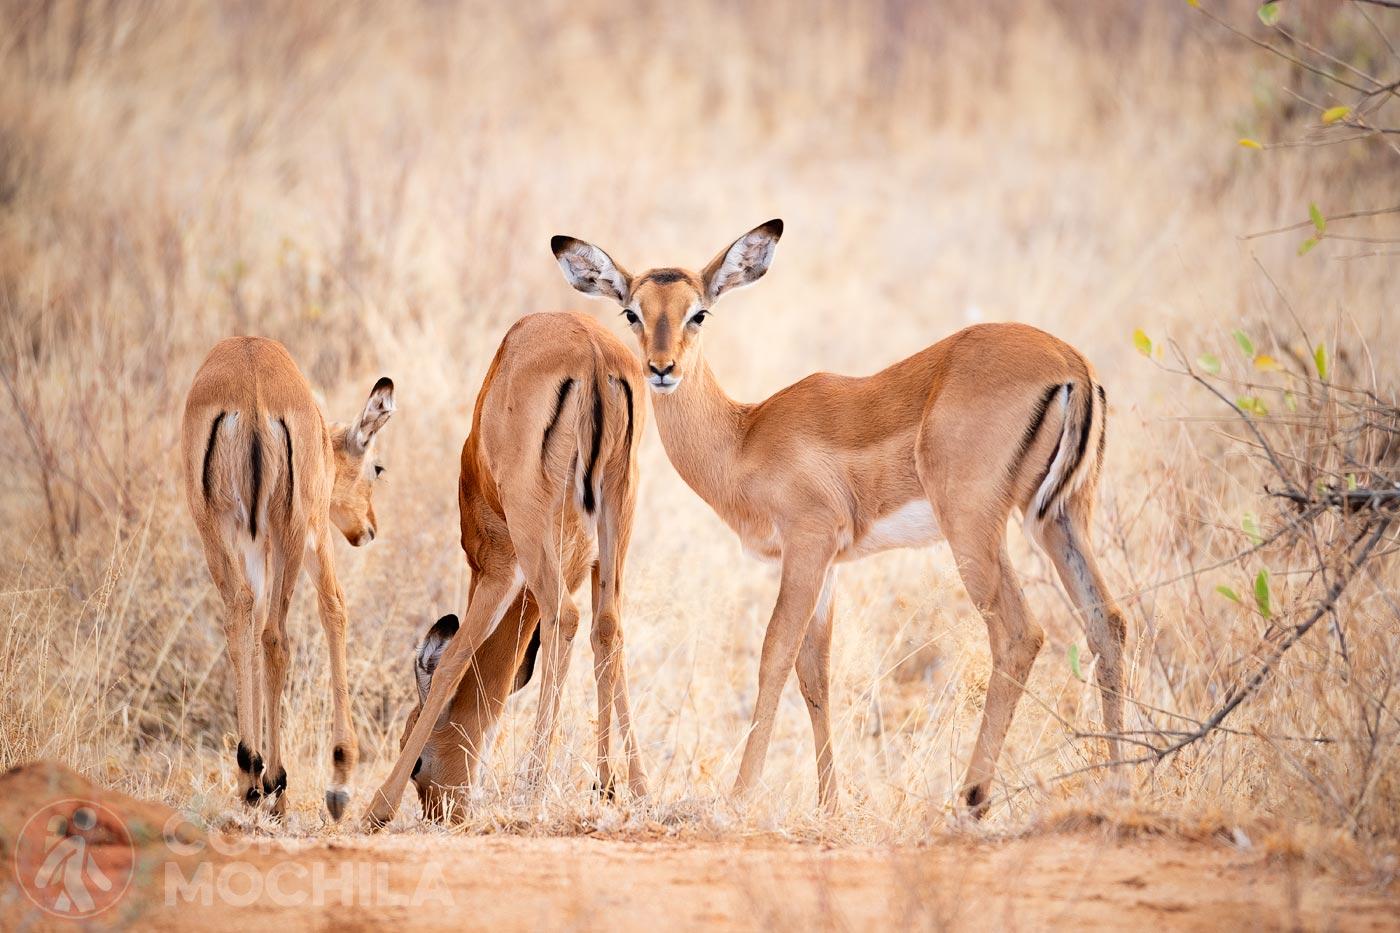 Hembras impala